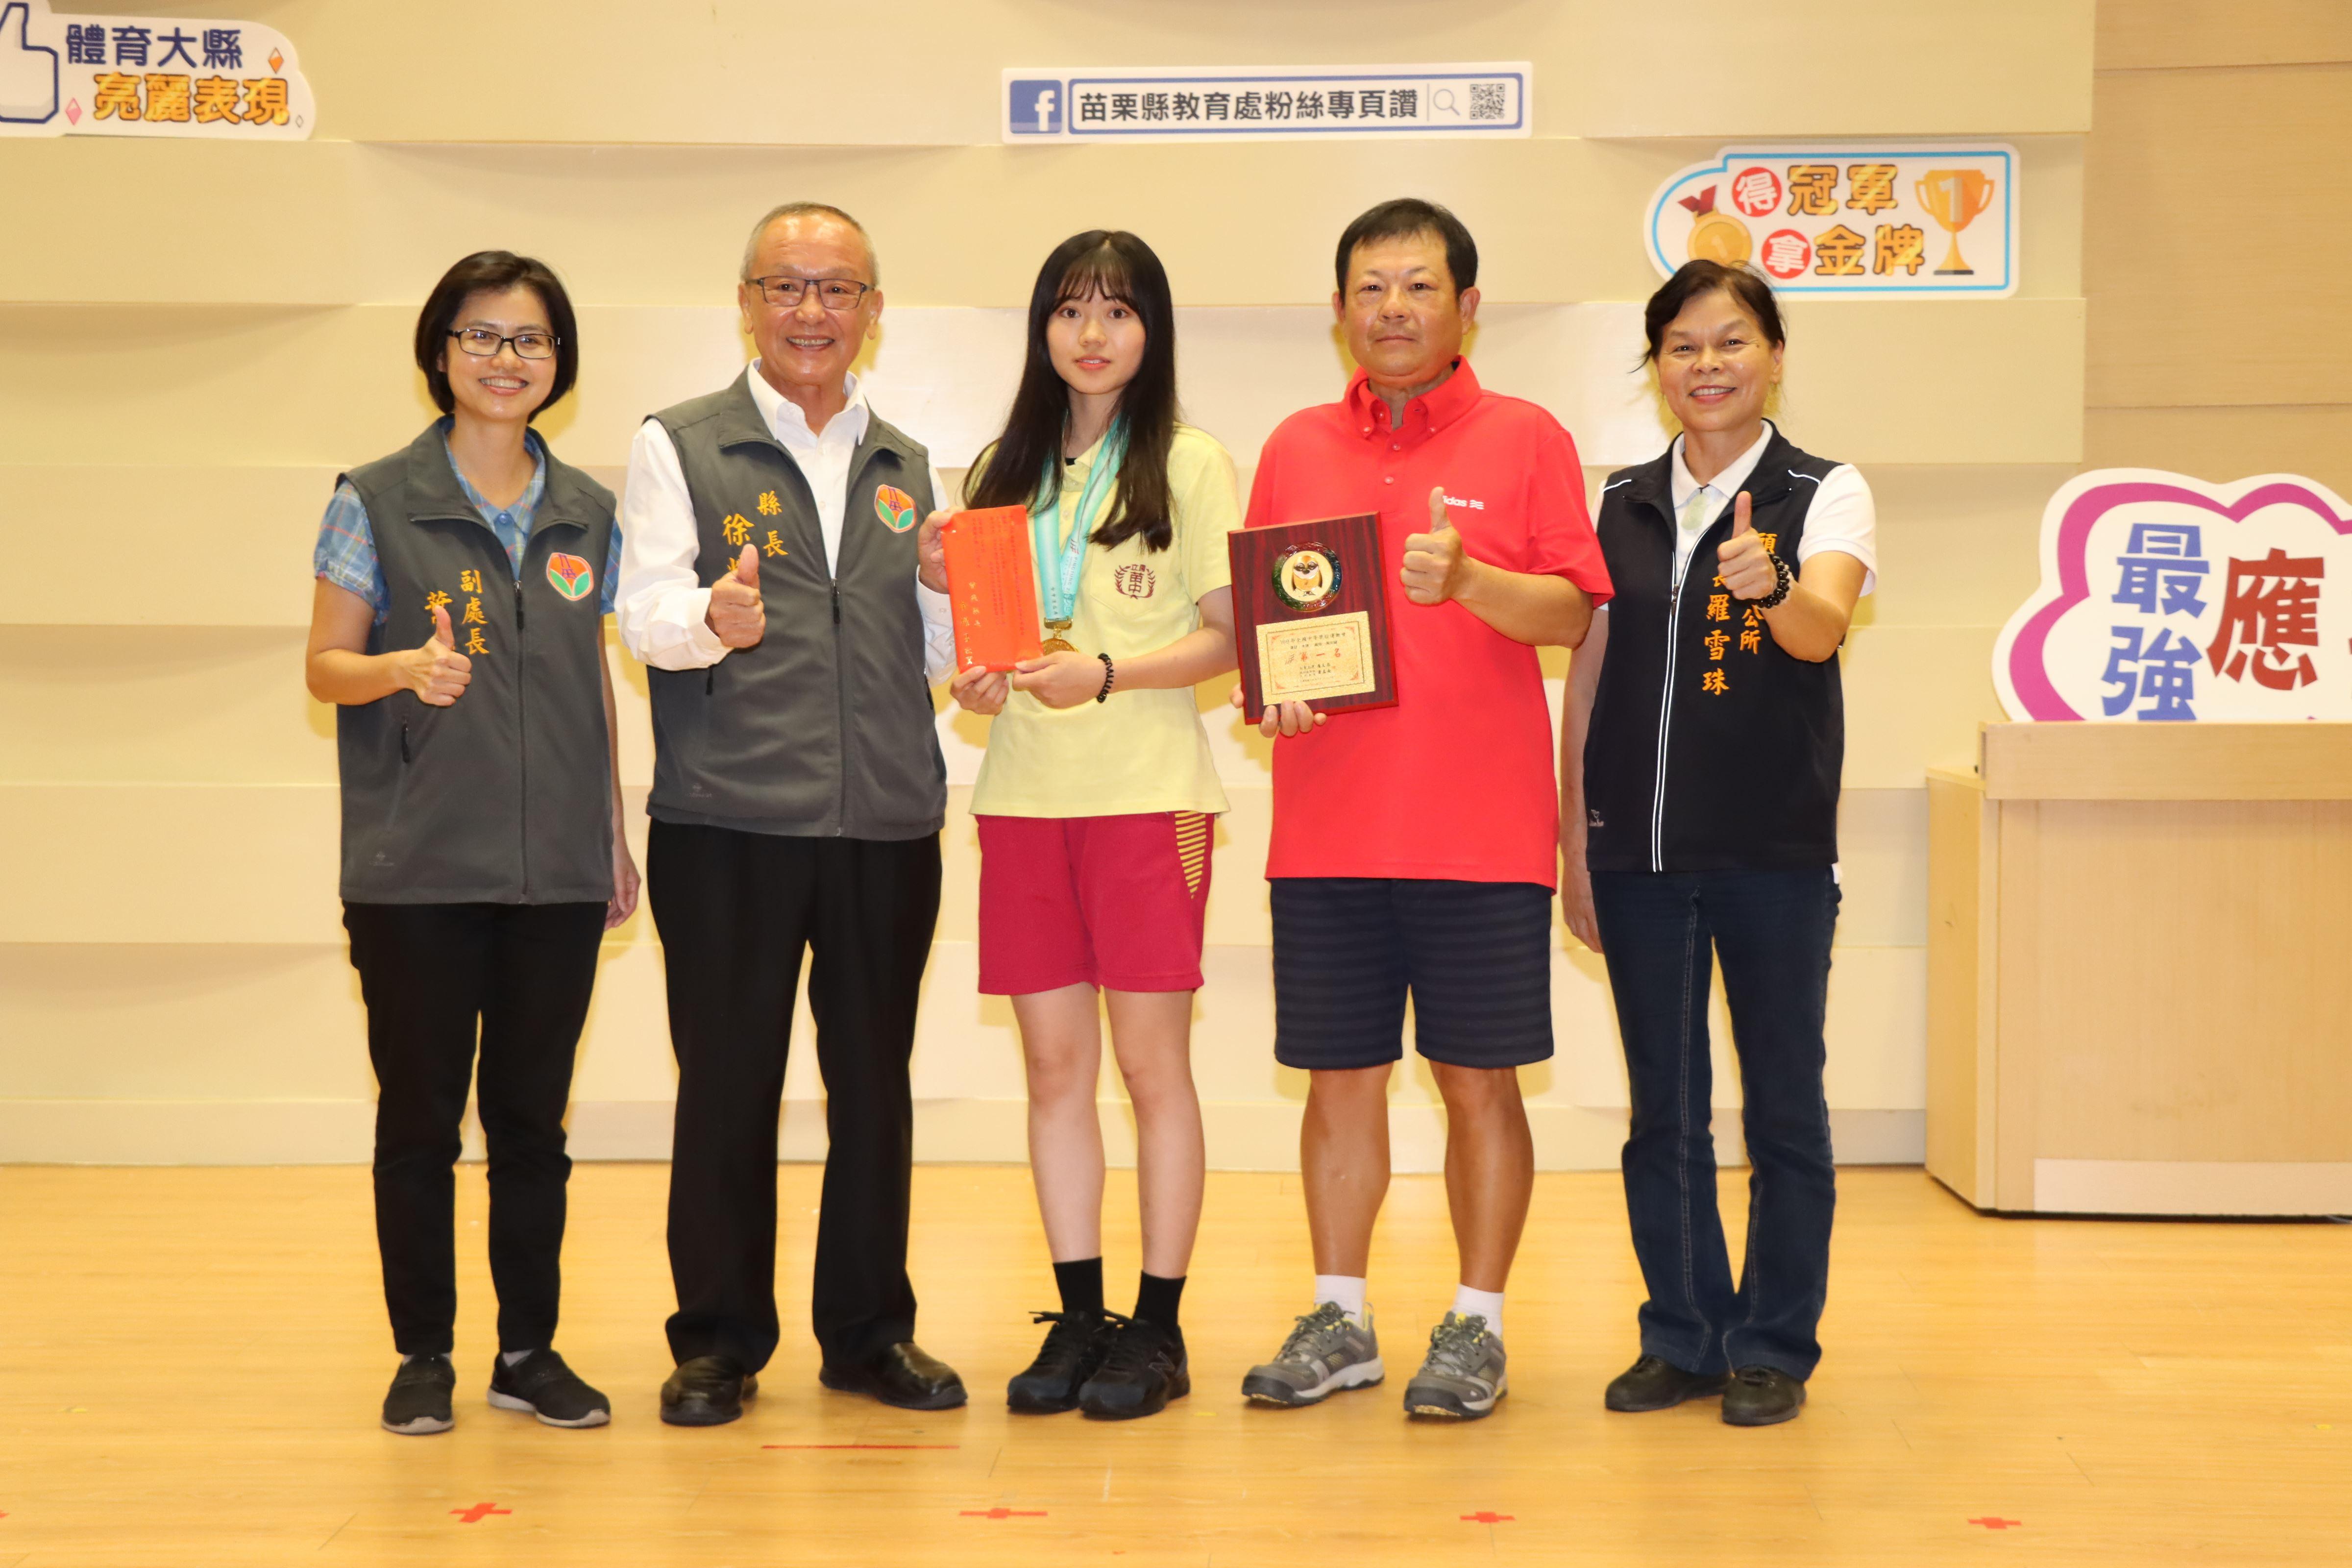 2縣府-縣長表揚全中運績優選手和教練IMG_8083.JPG